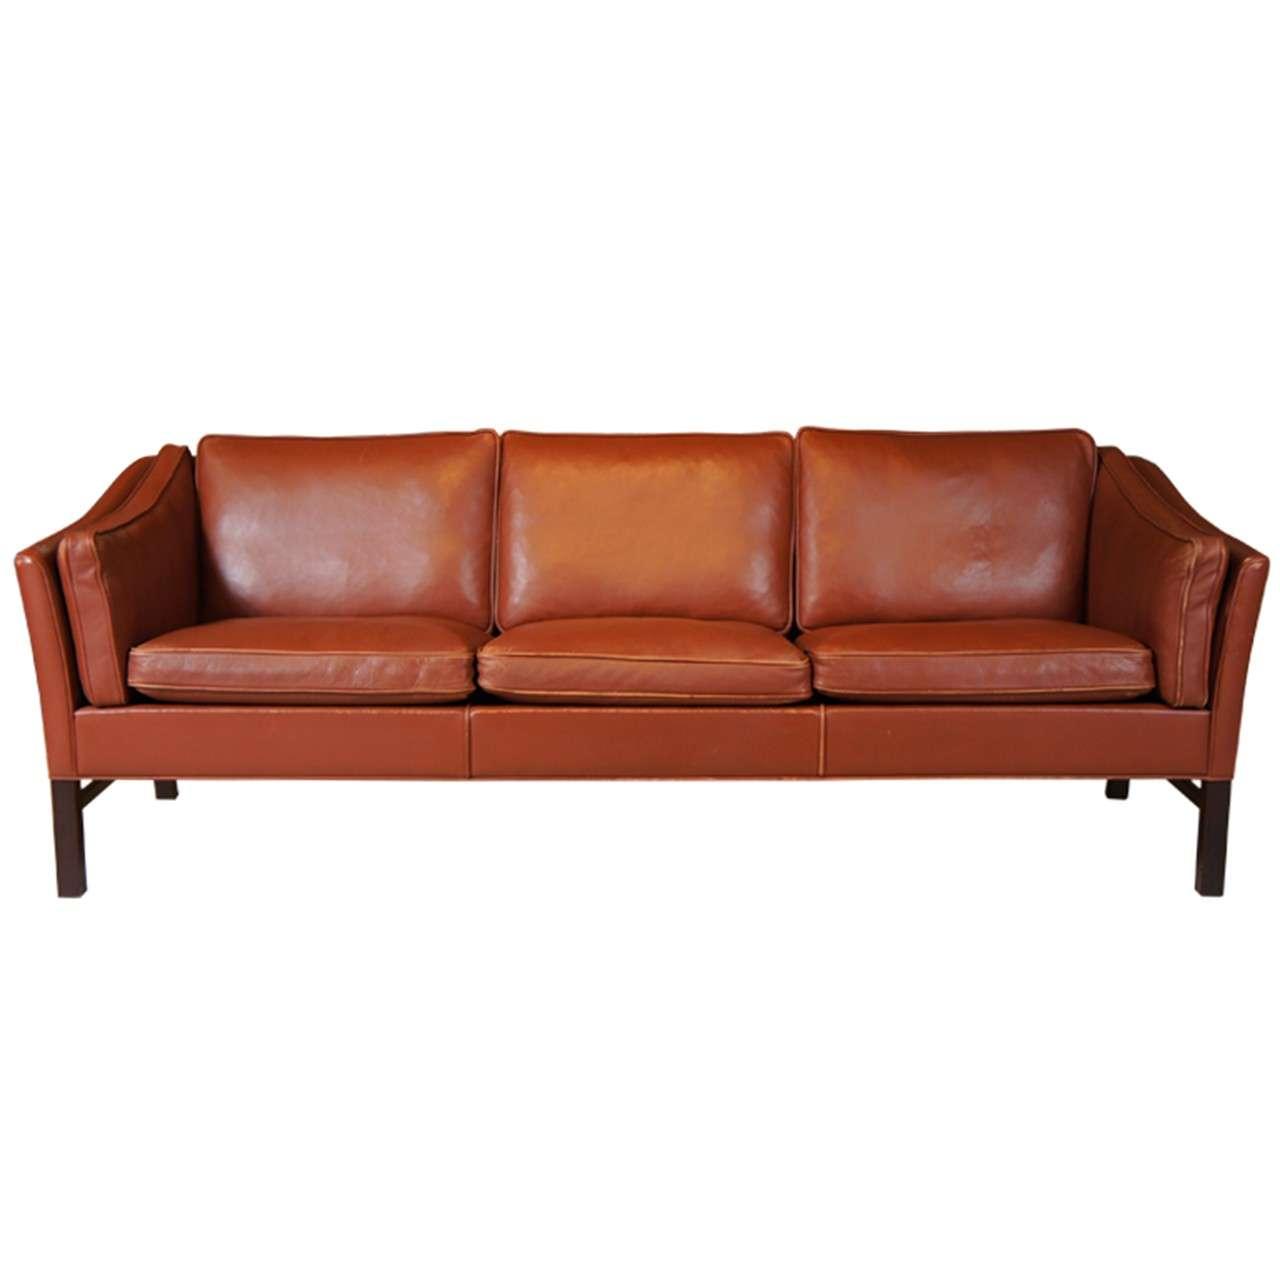 for Danish modern furniture